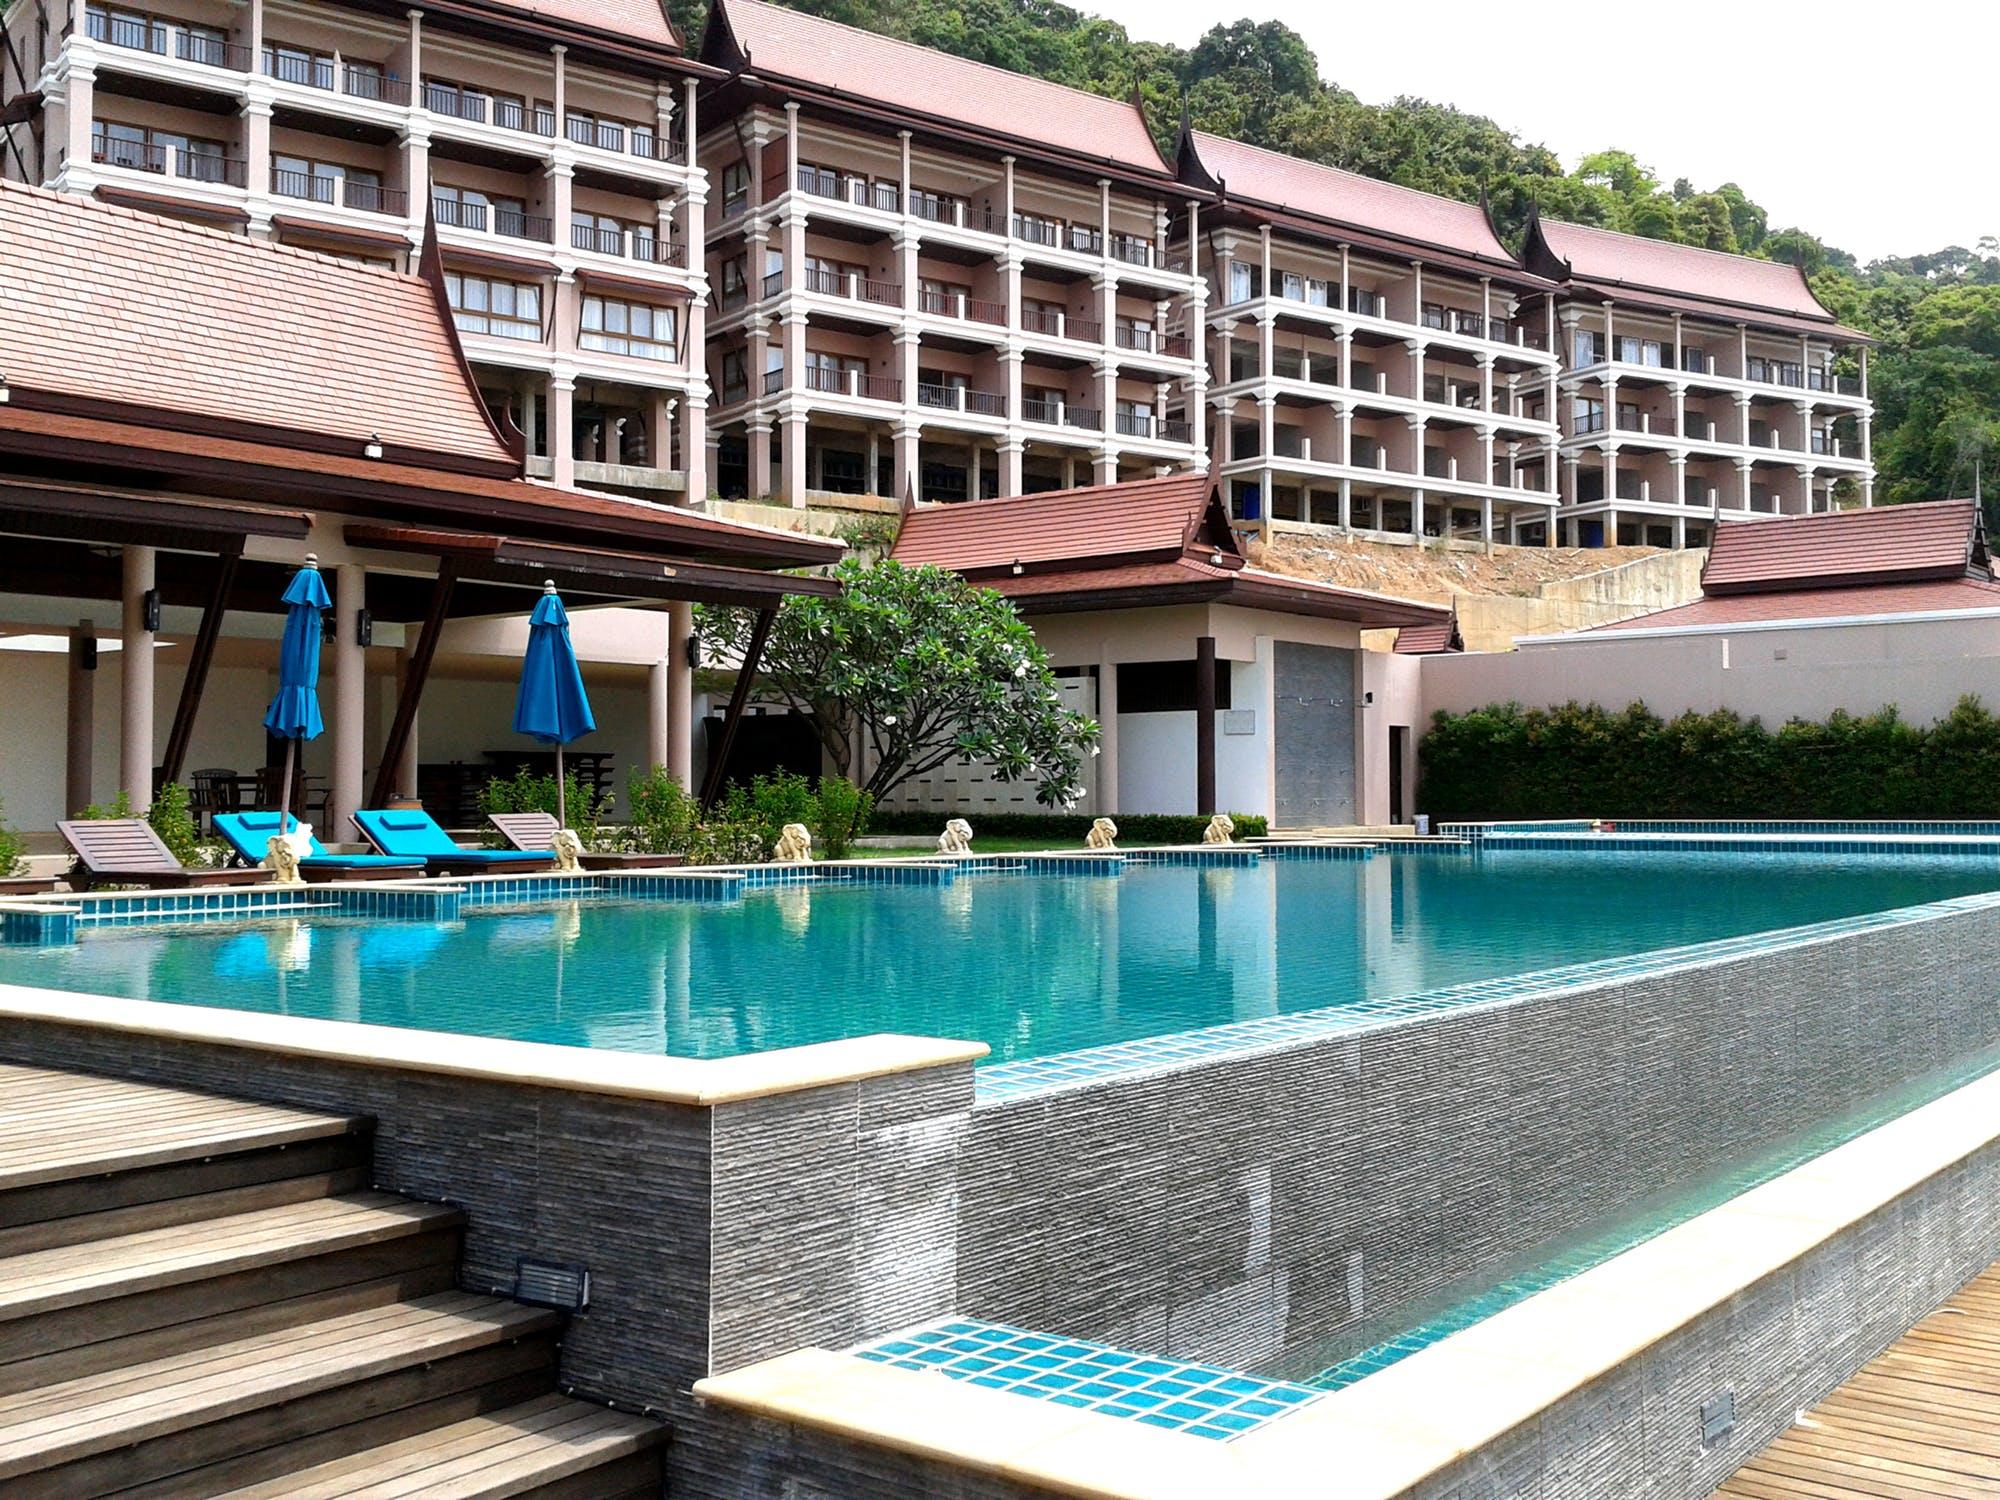 sistemas de refigeracion industrial para hoteles